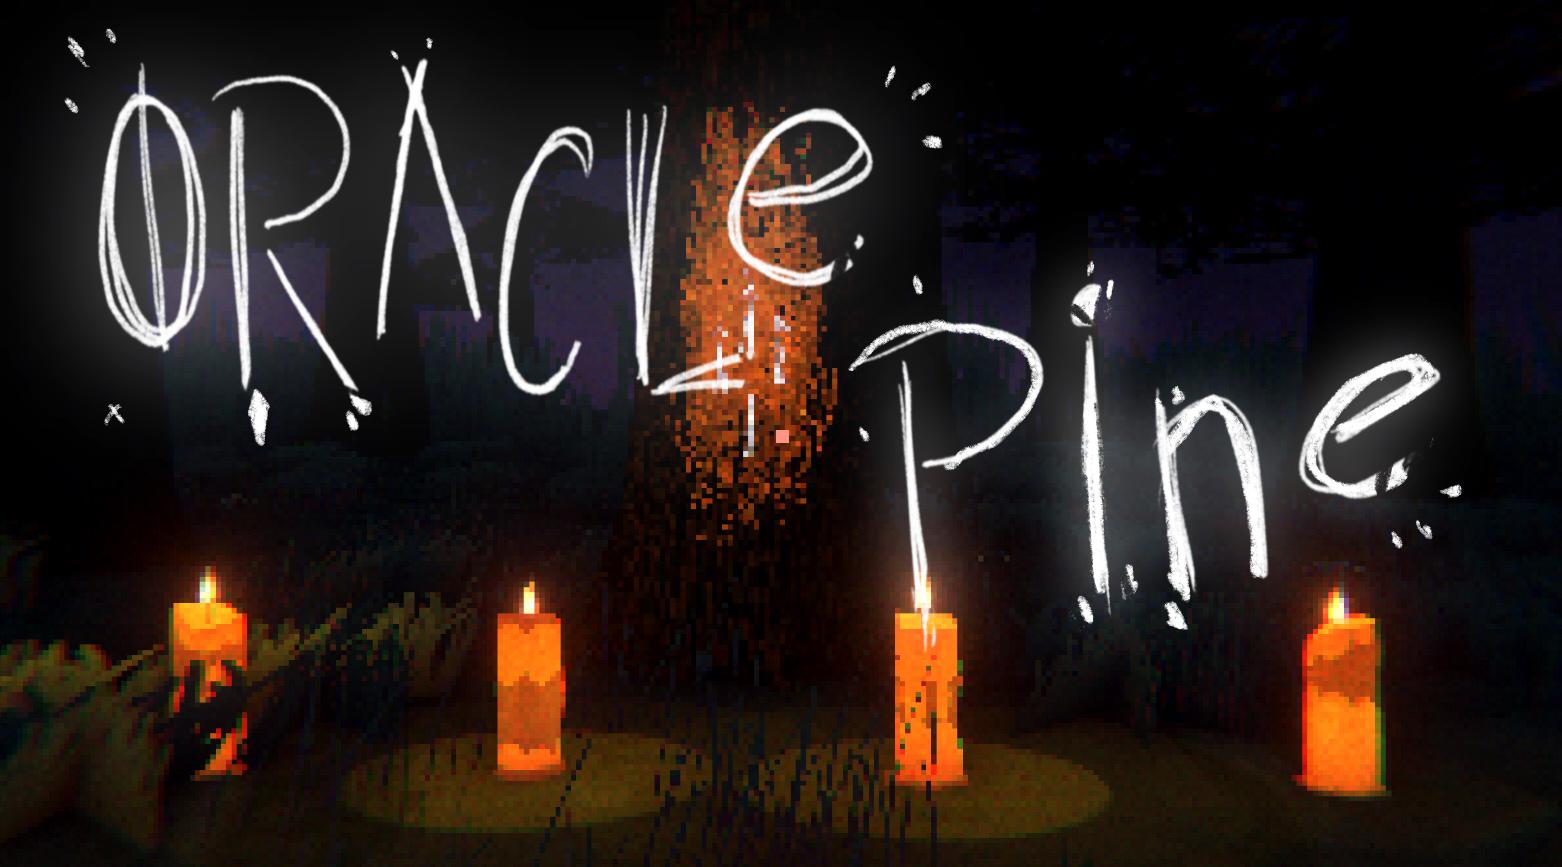 Oracle Pine